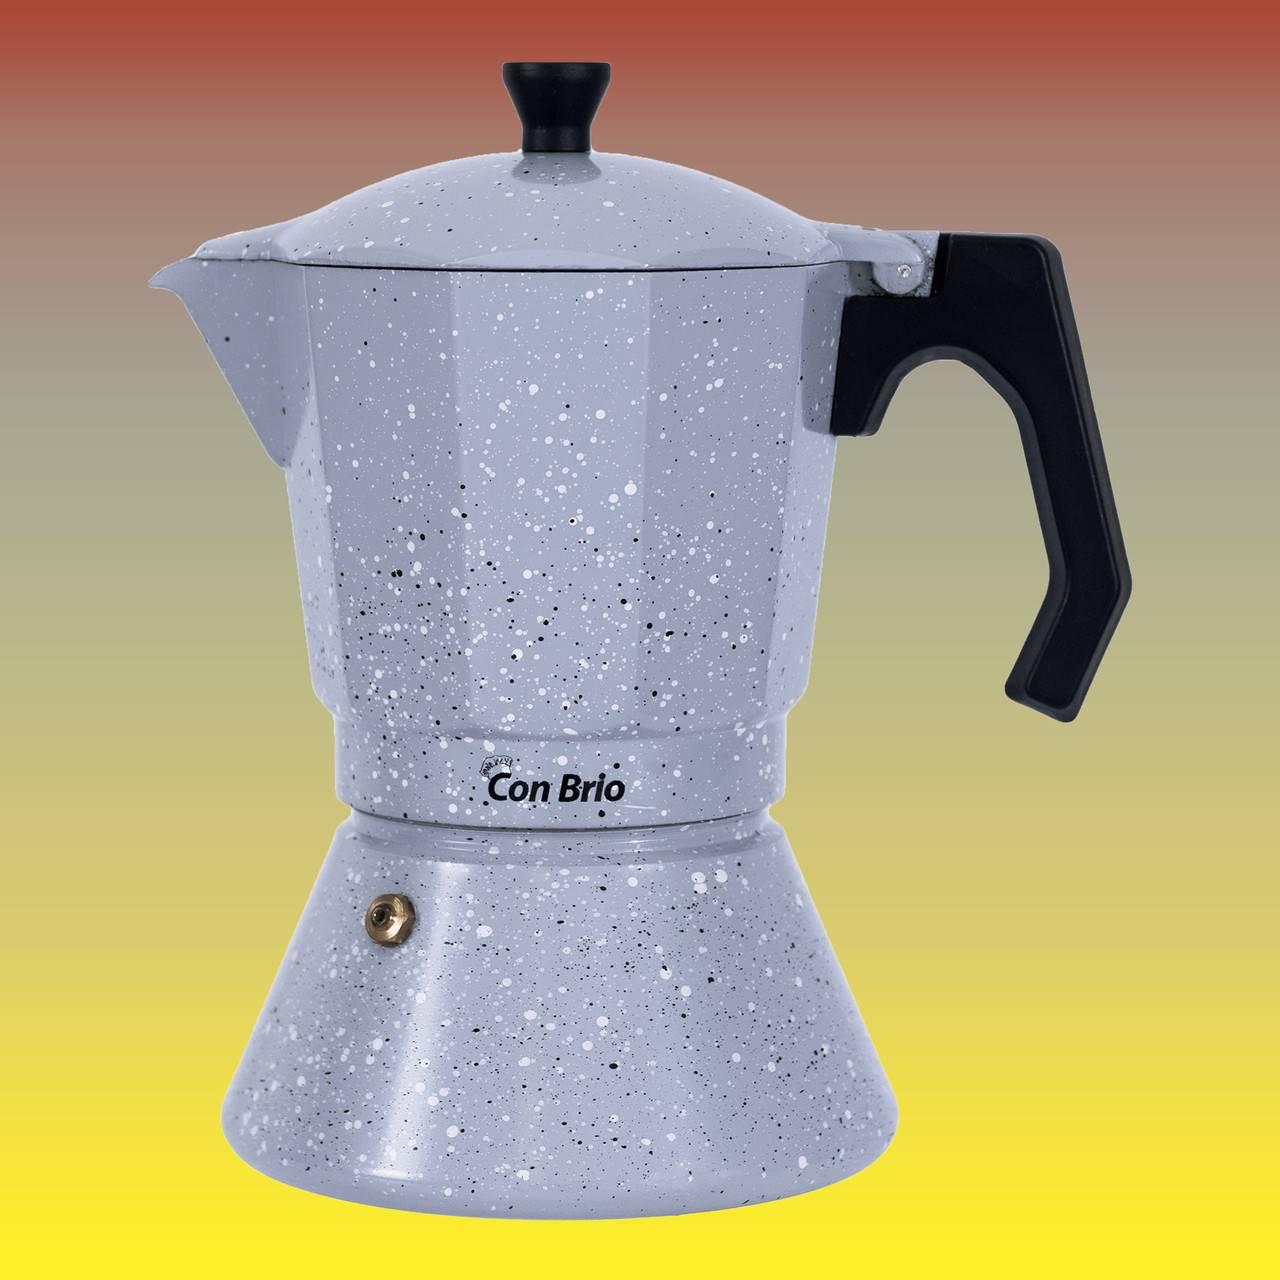 Гейзерная кофеварка для индукционной плиты: выбор, лучшие модели